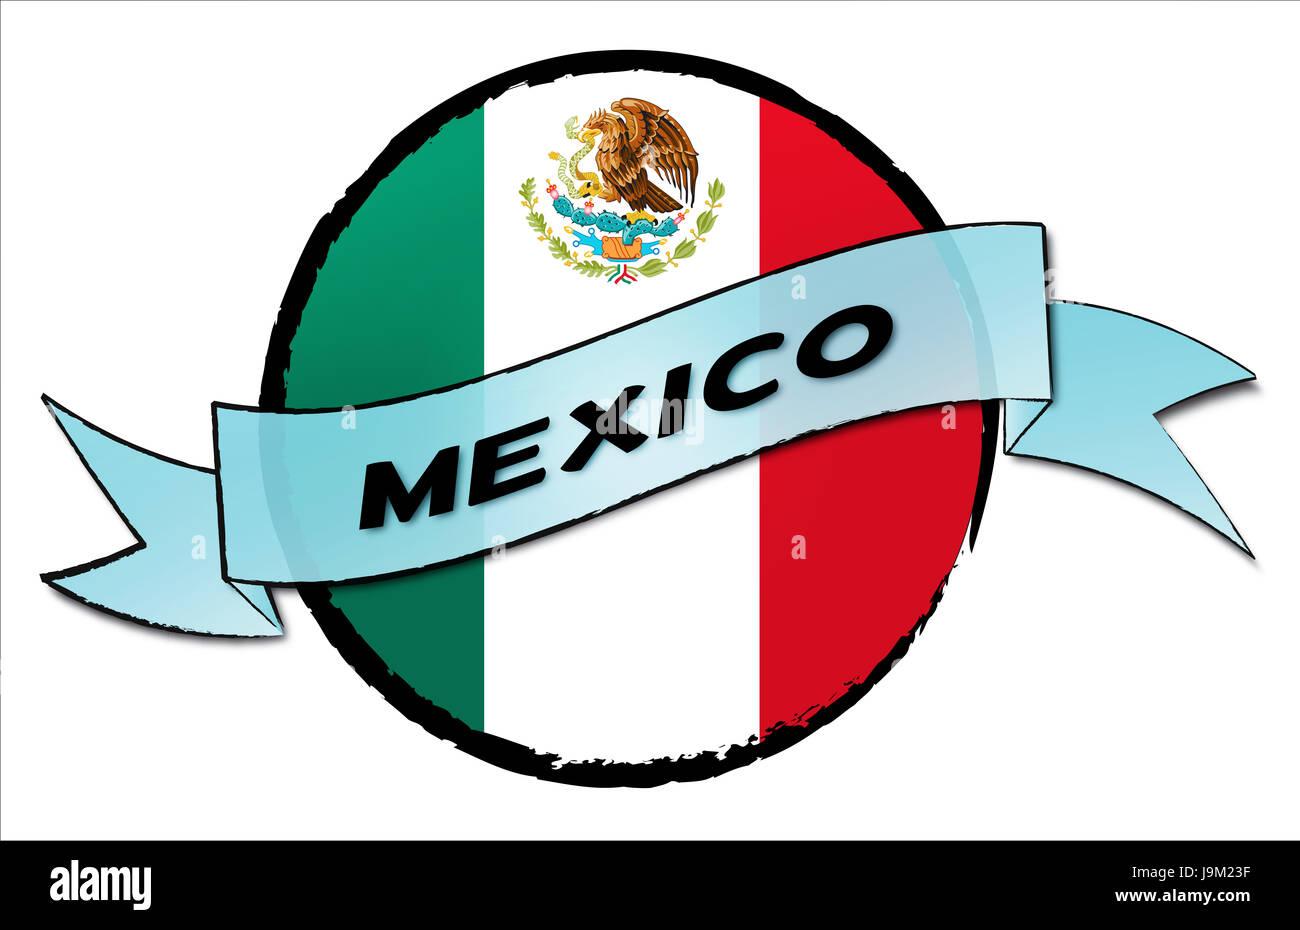 sombrero, banner, siesta, mexico, flag, trip, button, sombrero, banner, siesta, - Stock Image